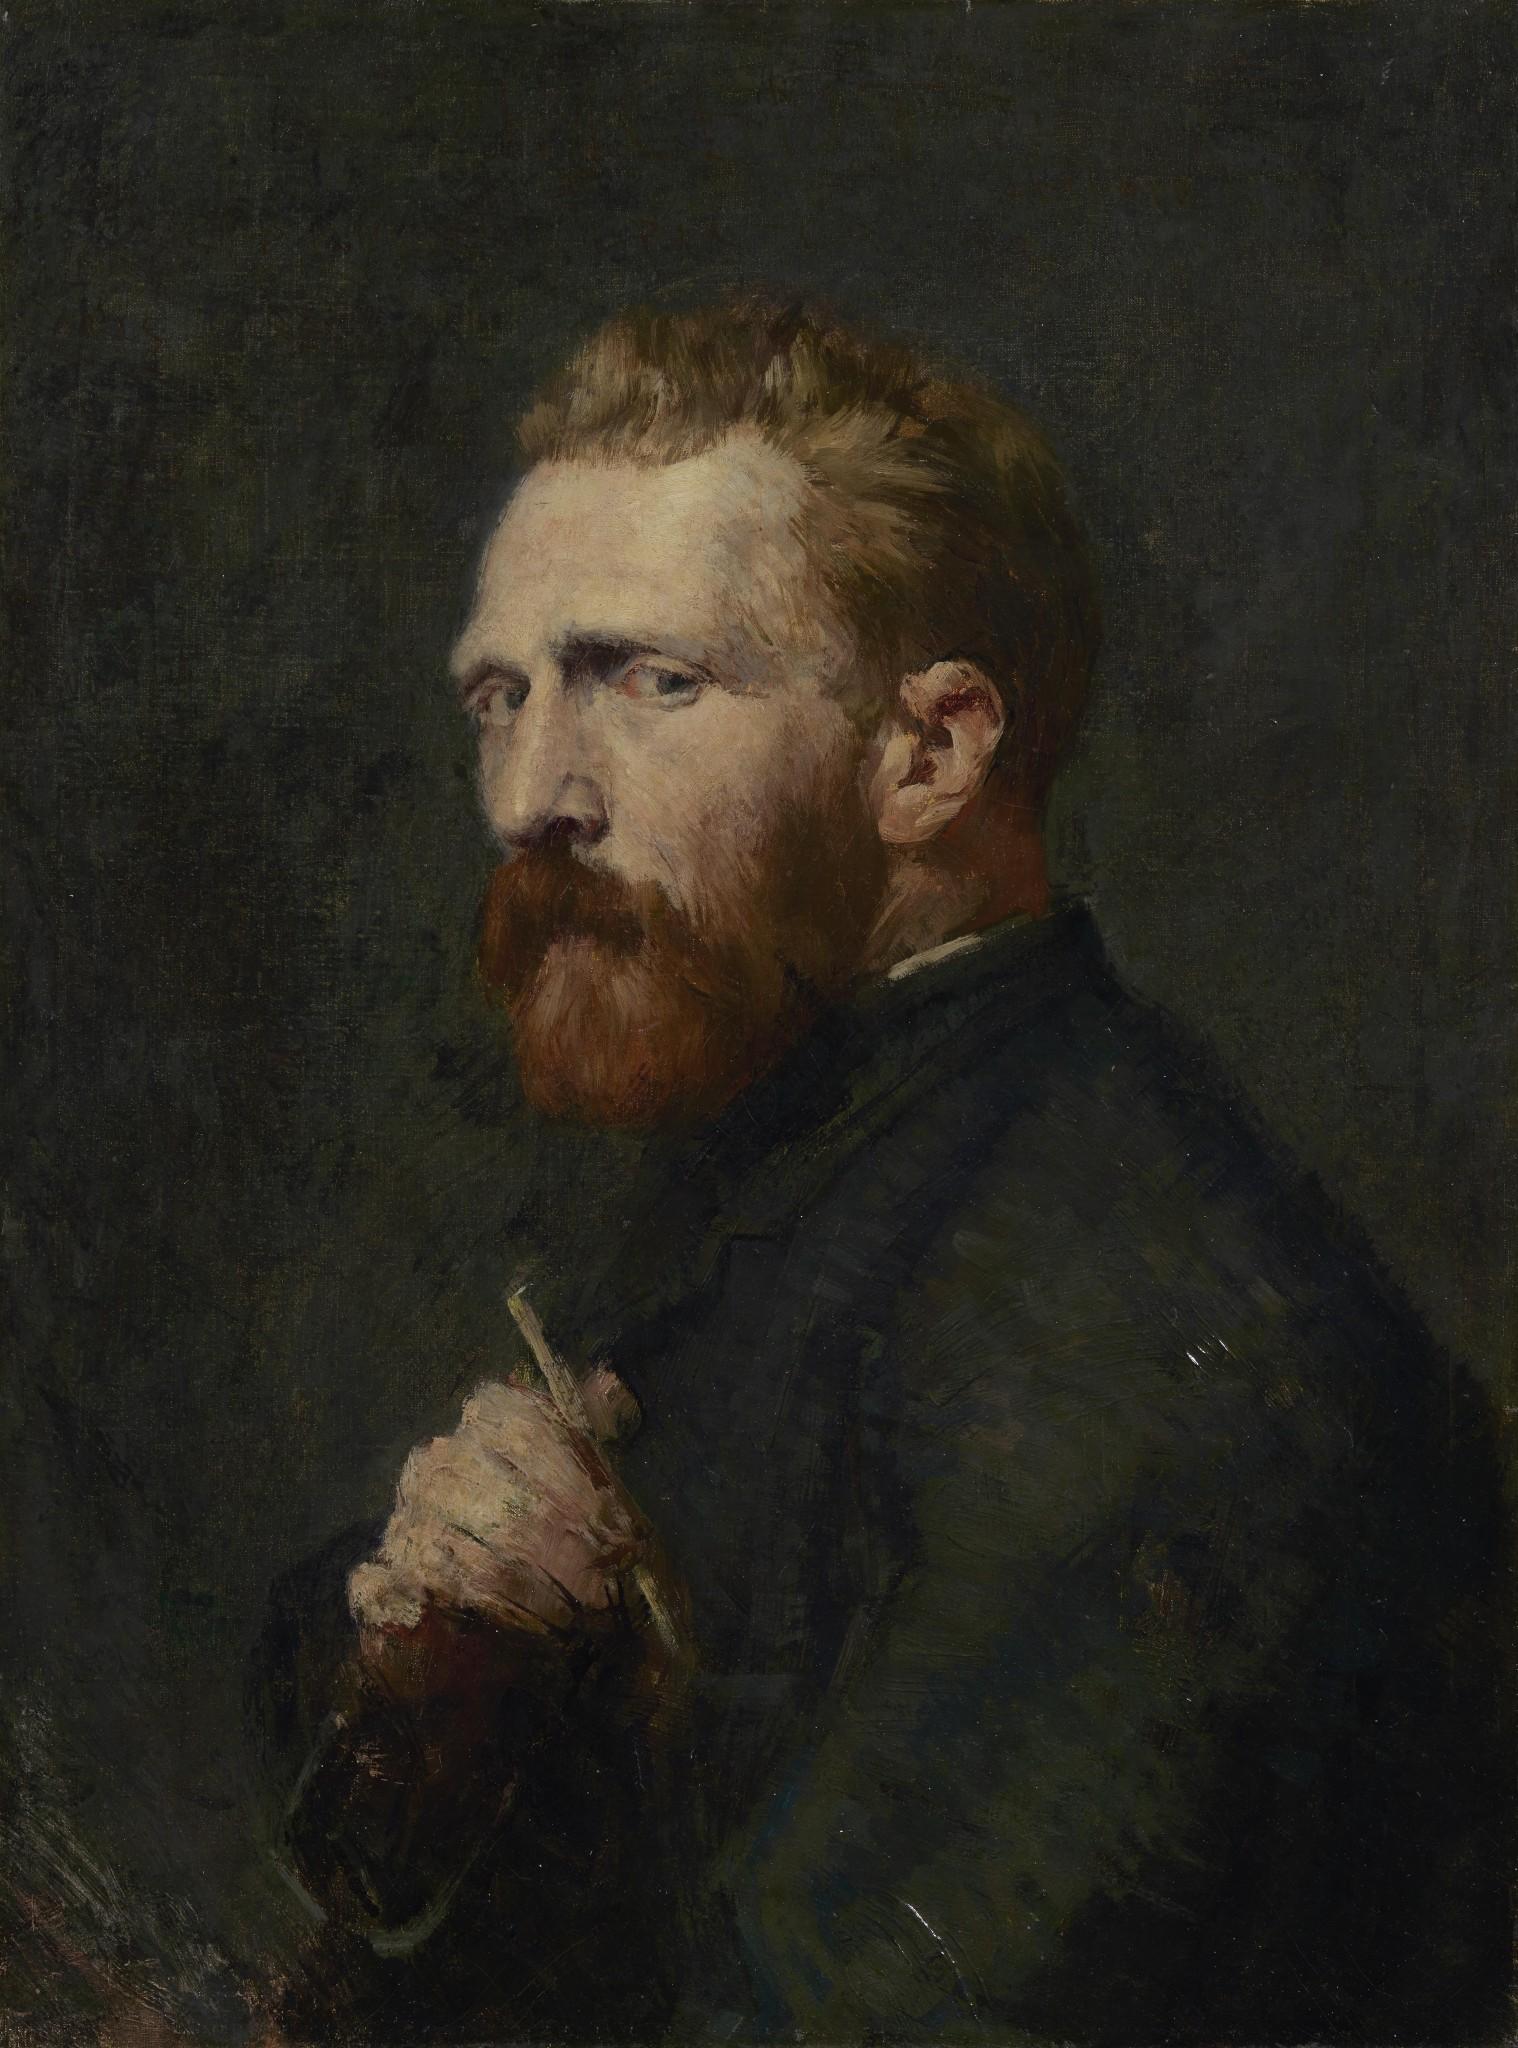 Живопись_Джон-Питер-Рассел_Vincent-van-Gogh.-Paris-1886.jpg